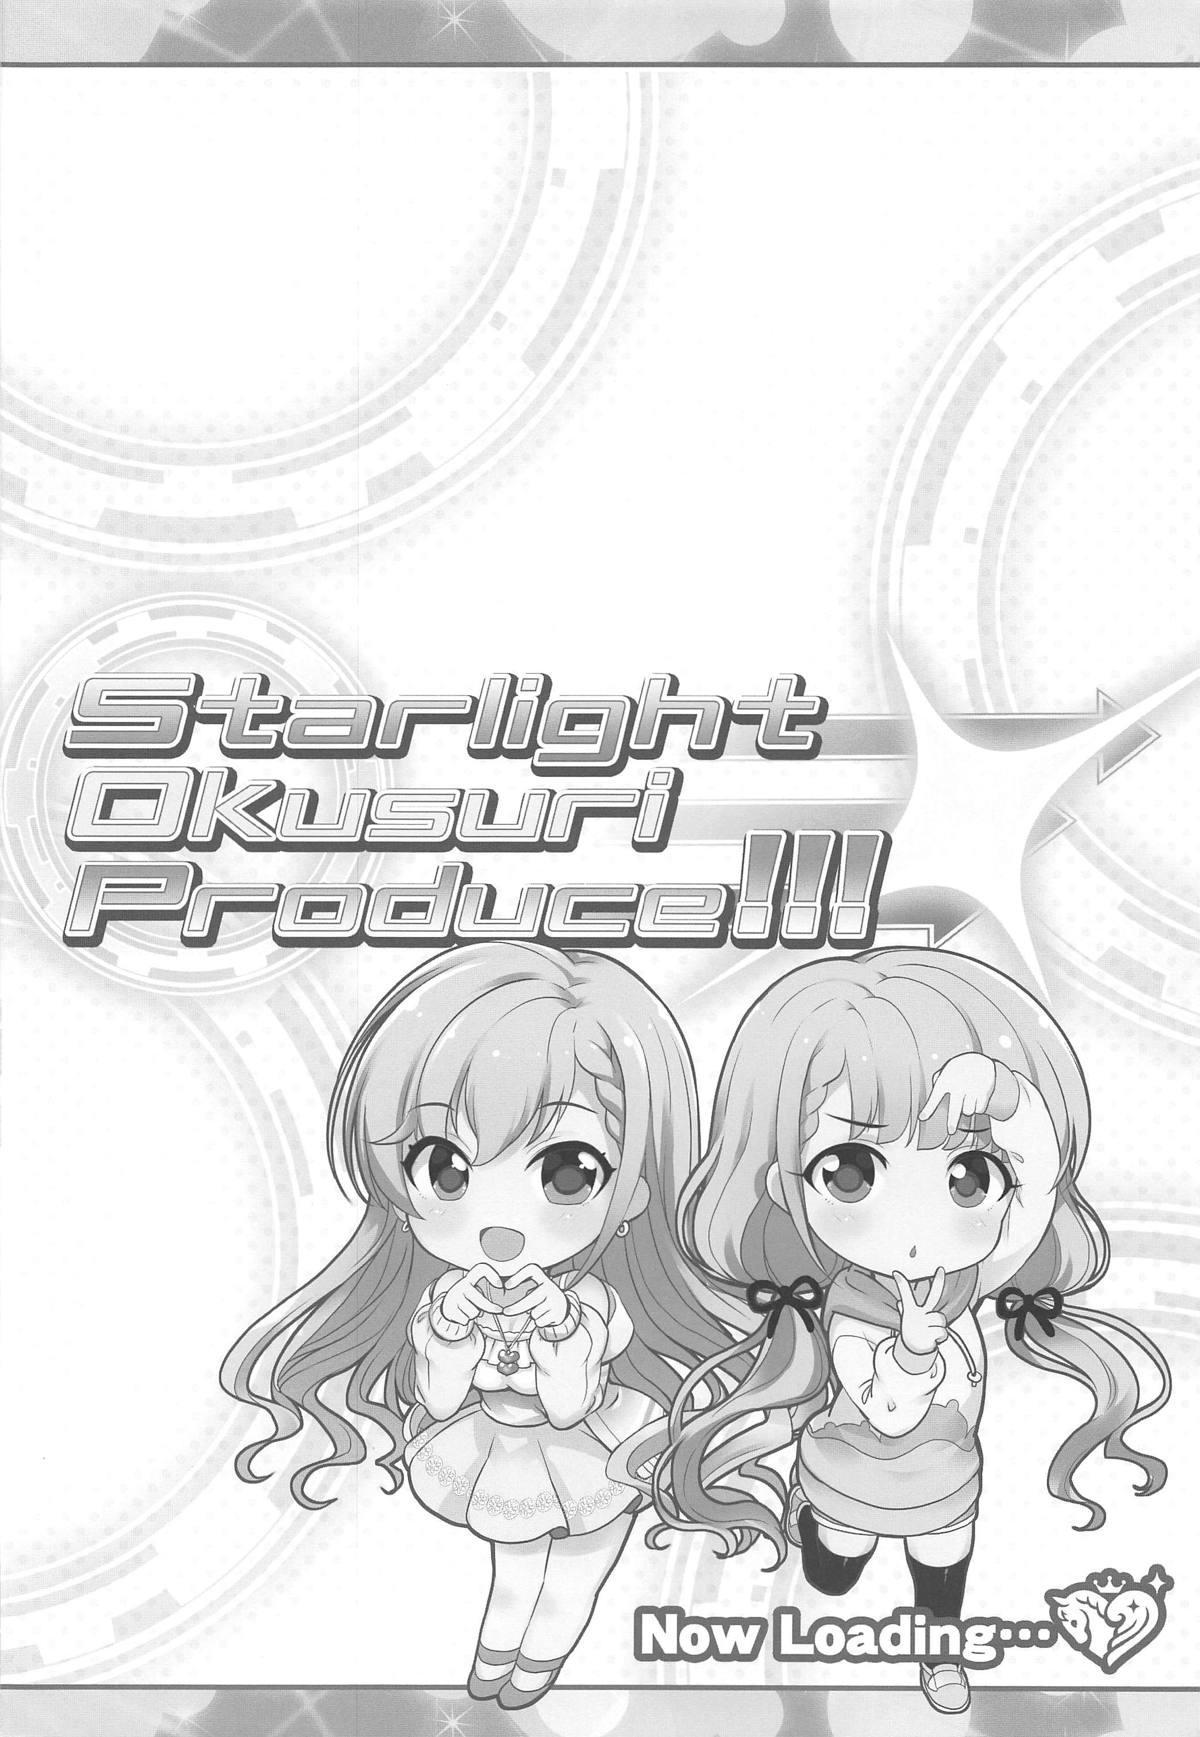 Starlight Okusuri Produce!!! X 2